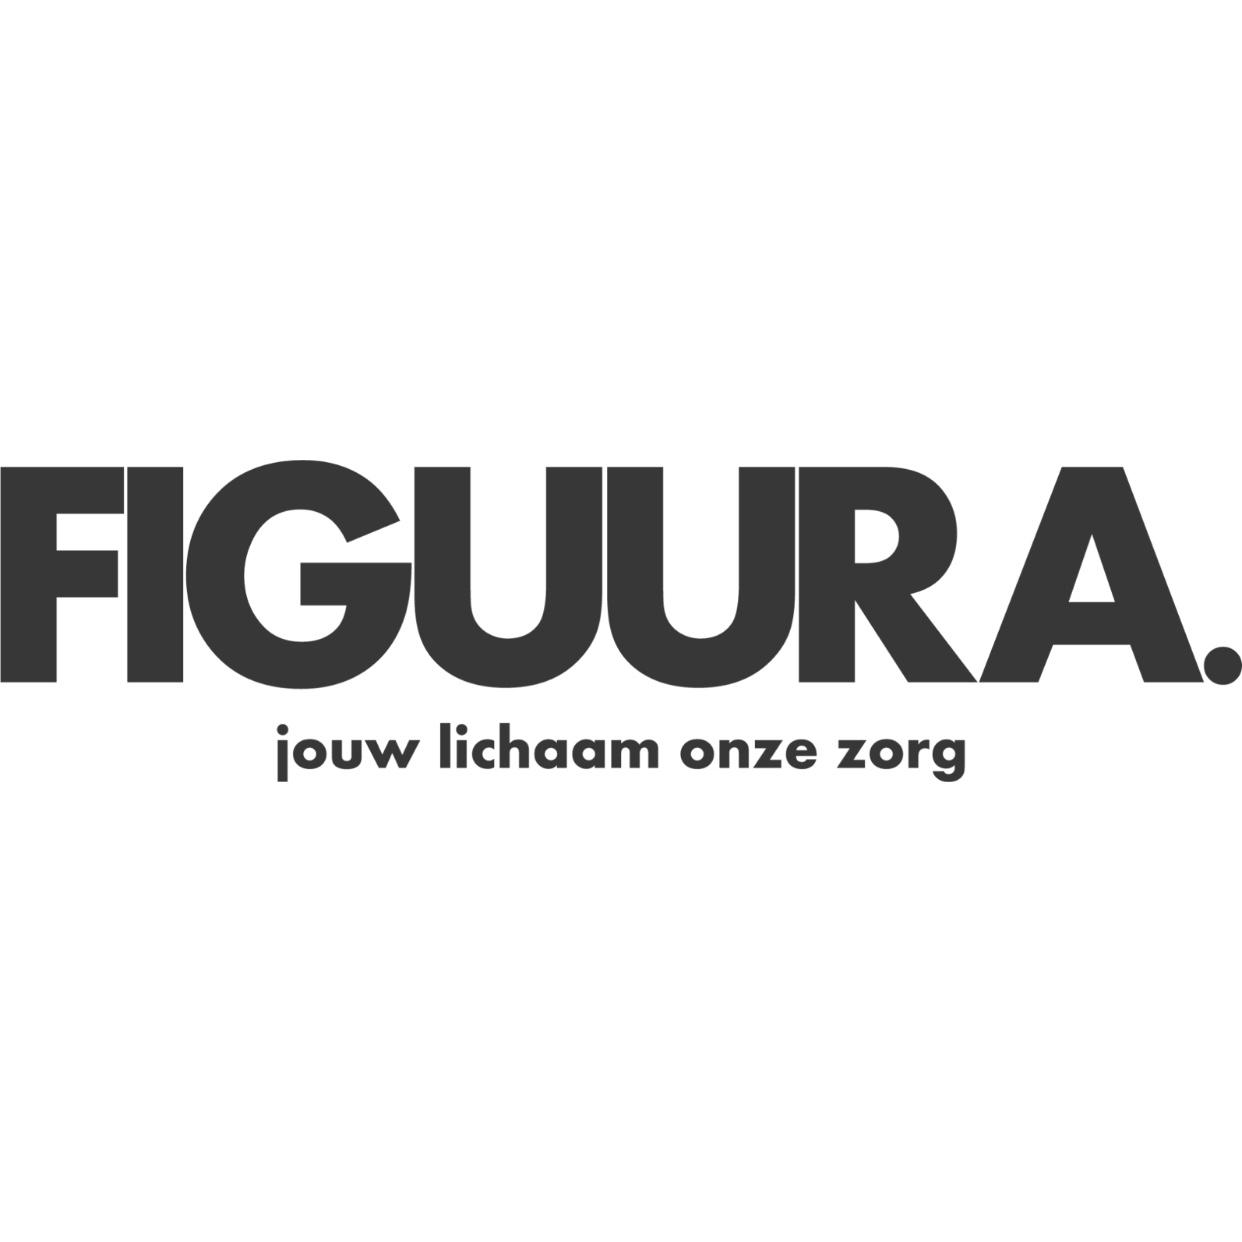 Figuura